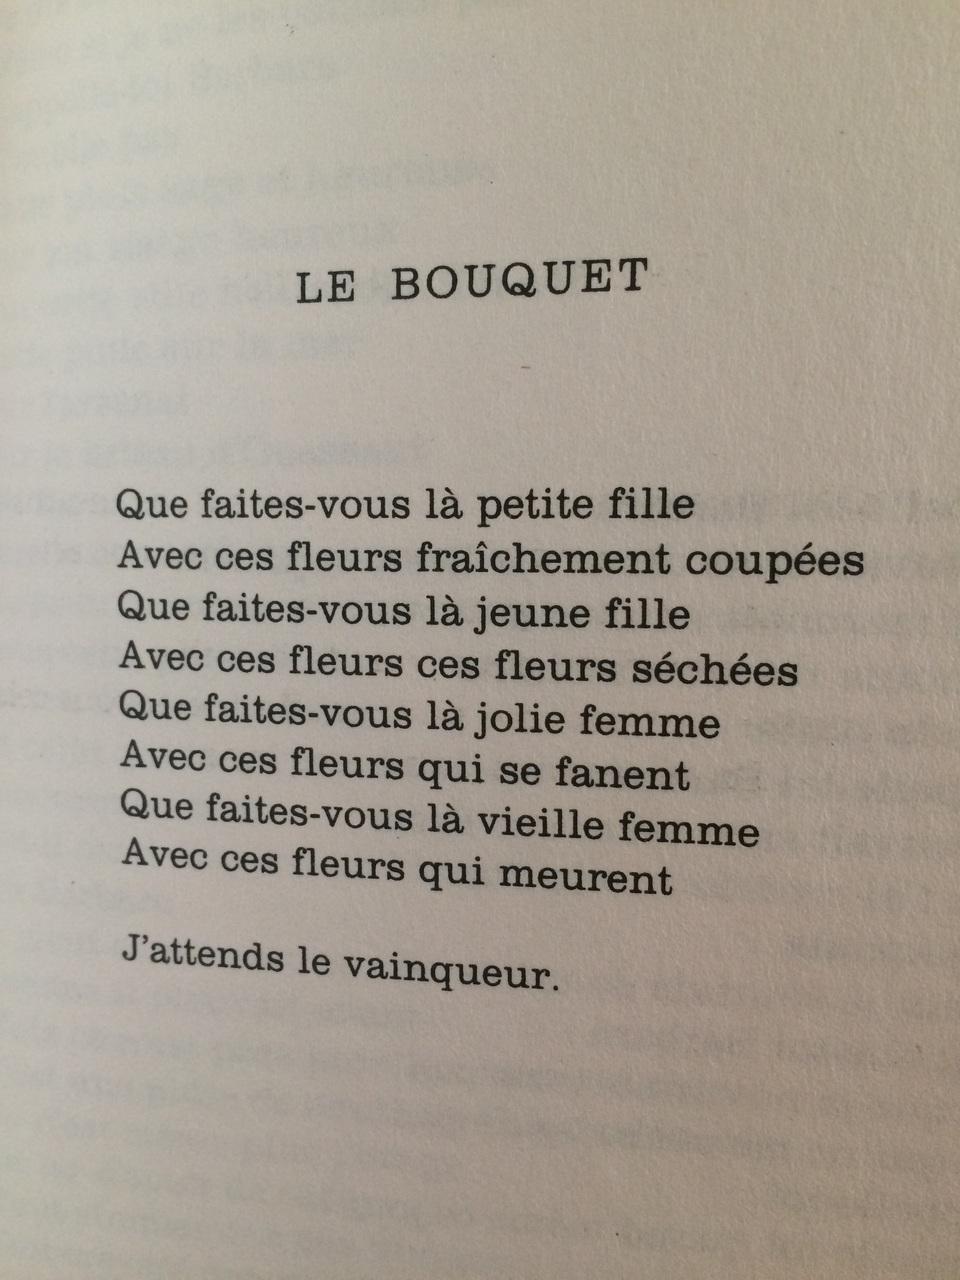 Extrait Du Recueil De Poèmes Paroles De Jacques Prévert